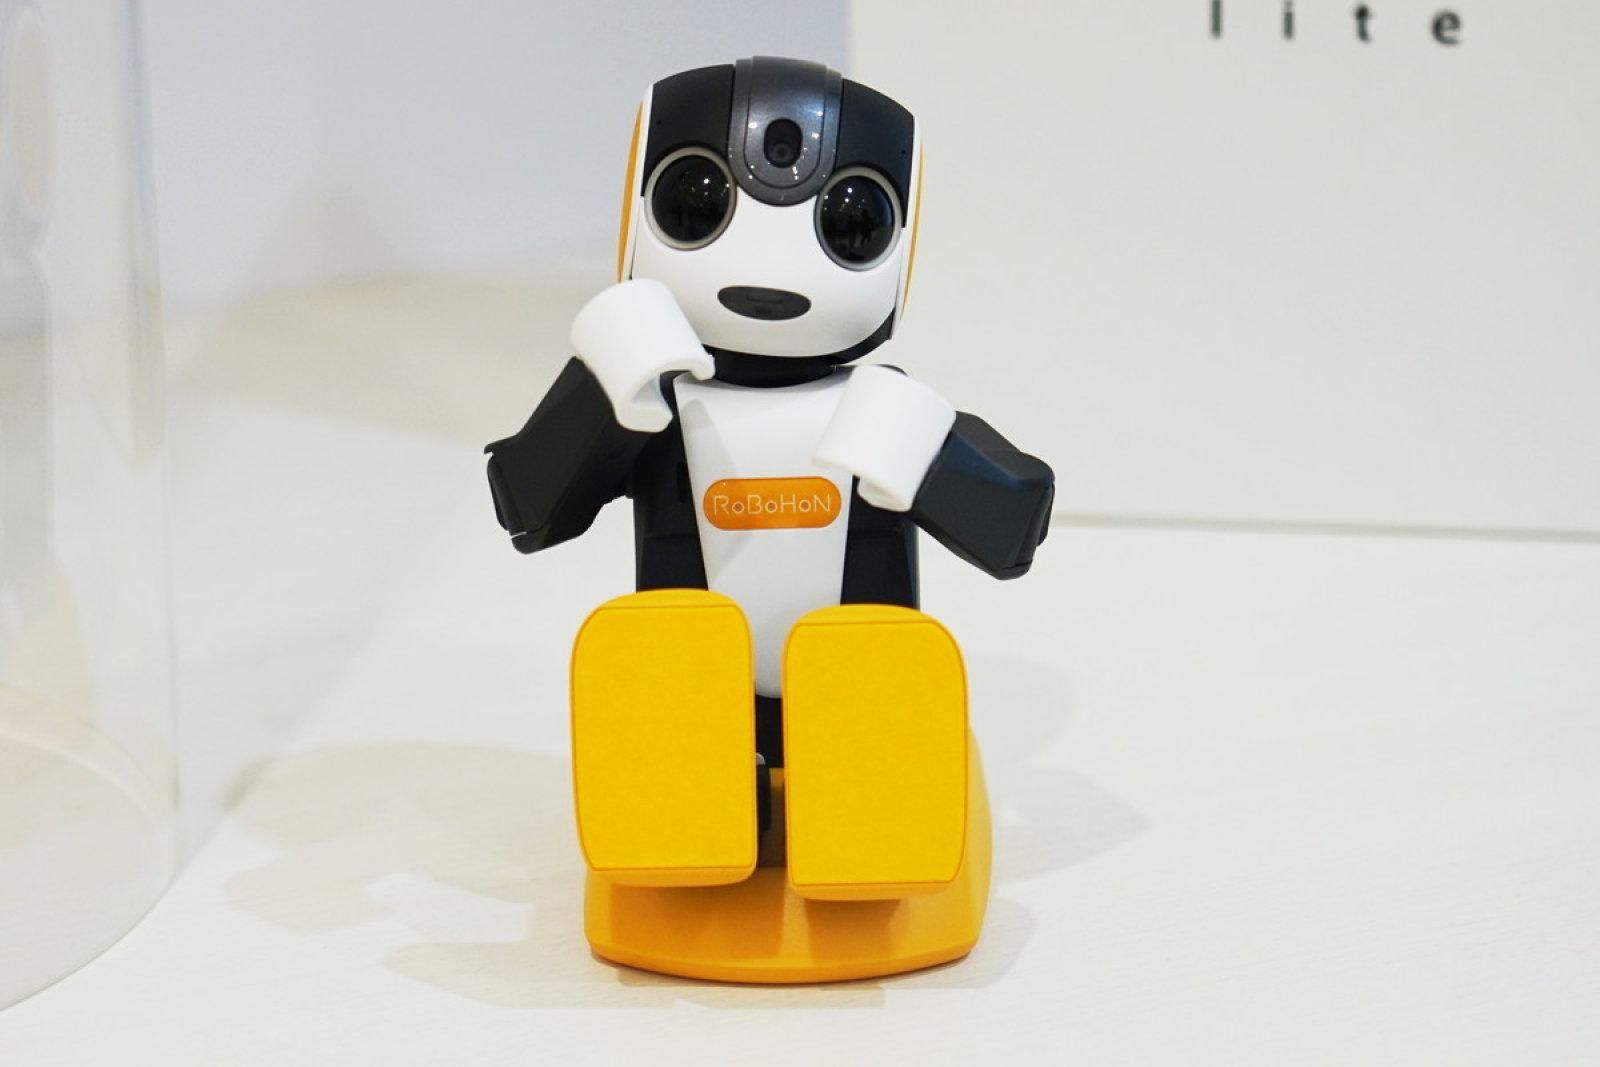 Le dernier robot RoBoHon de Sharp ne peut pas marcher et coûte 715 dollars